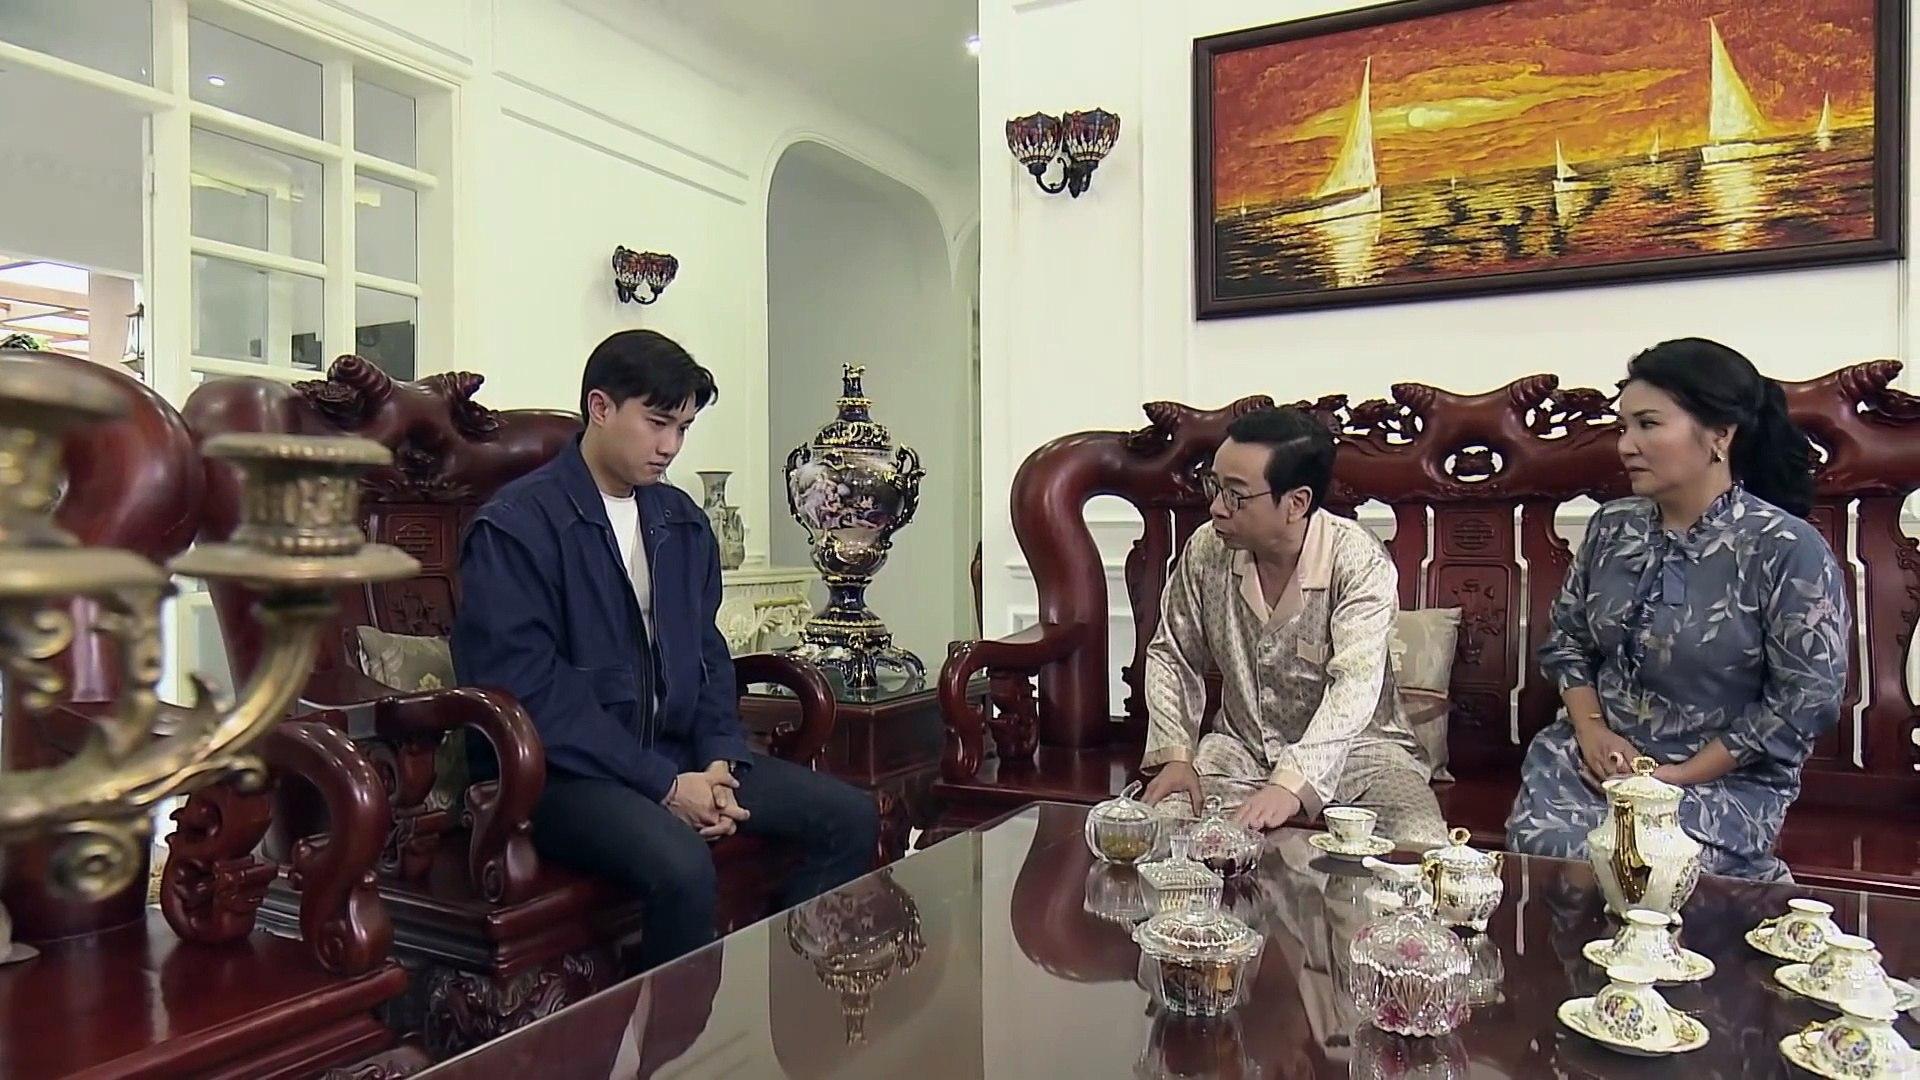 Về Nhà Đi Con Tập 5 - Phim Việt Nam Hay Nhất 2019 - VTV1